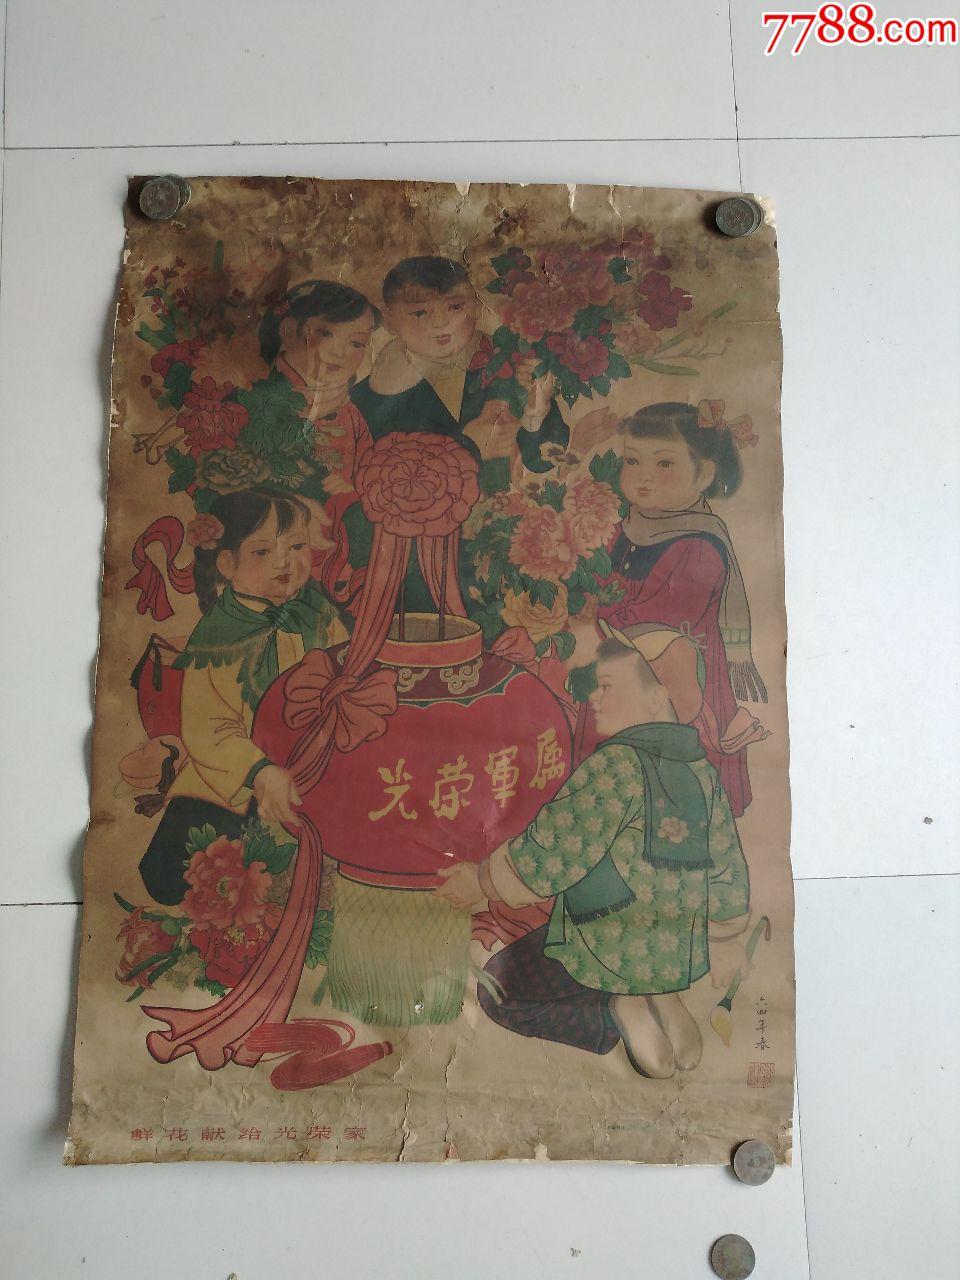 鲜花献给光荣家,(光荣军属)1964年,黄继明作(se65044855)_